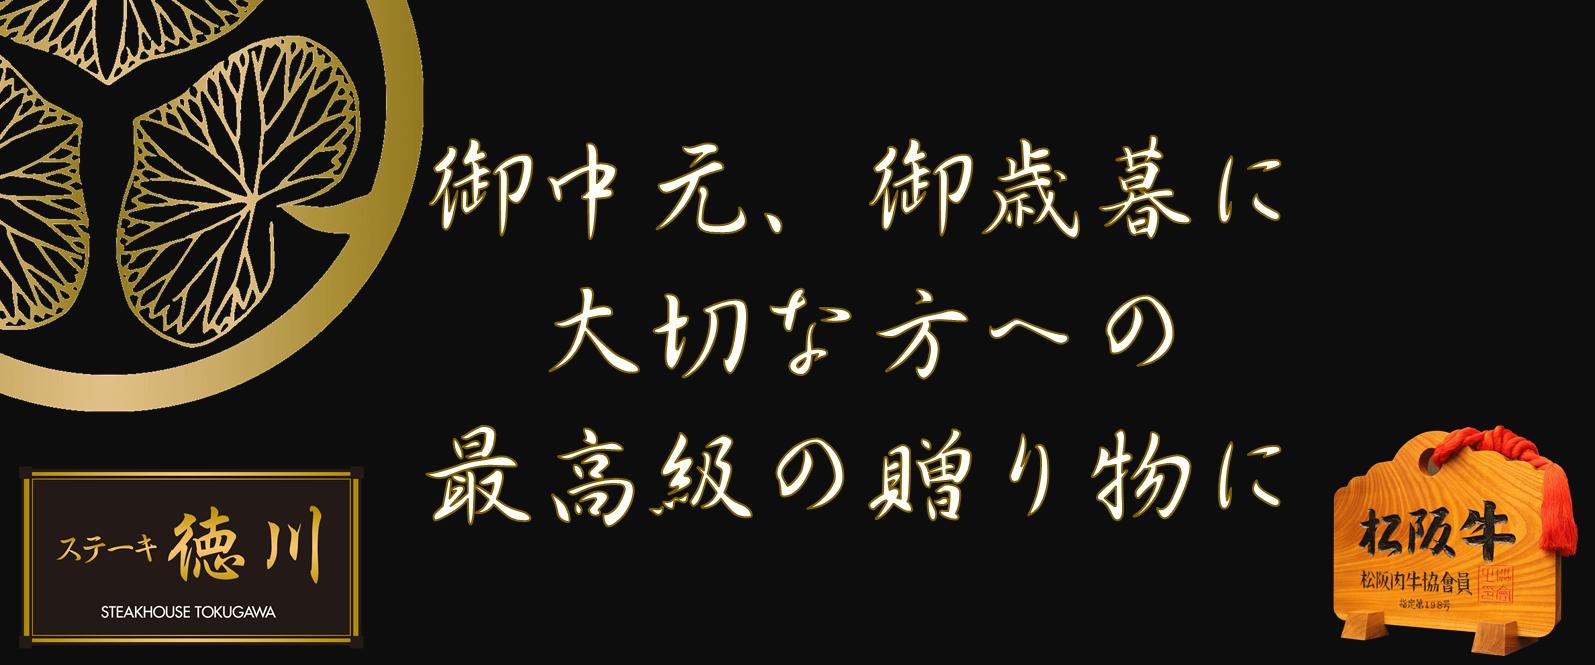 ステーキ徳川 ネット販売